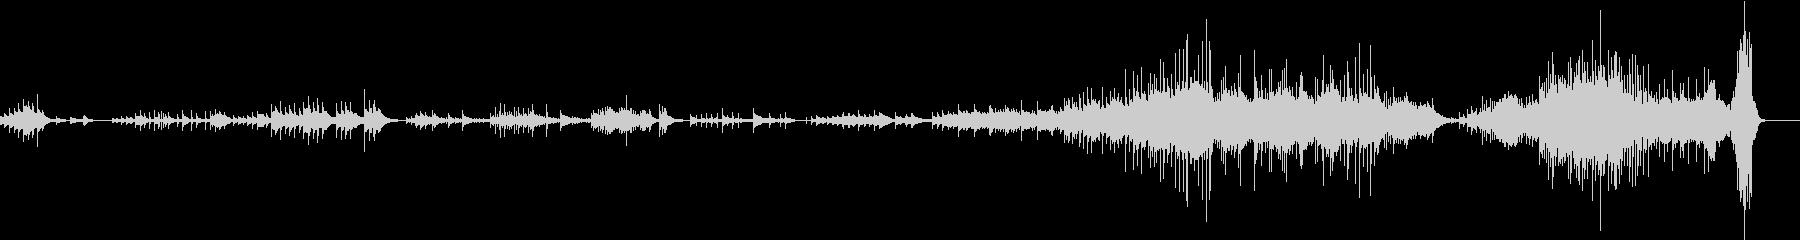 幻想的なピアノソロののBGMの未再生の波形